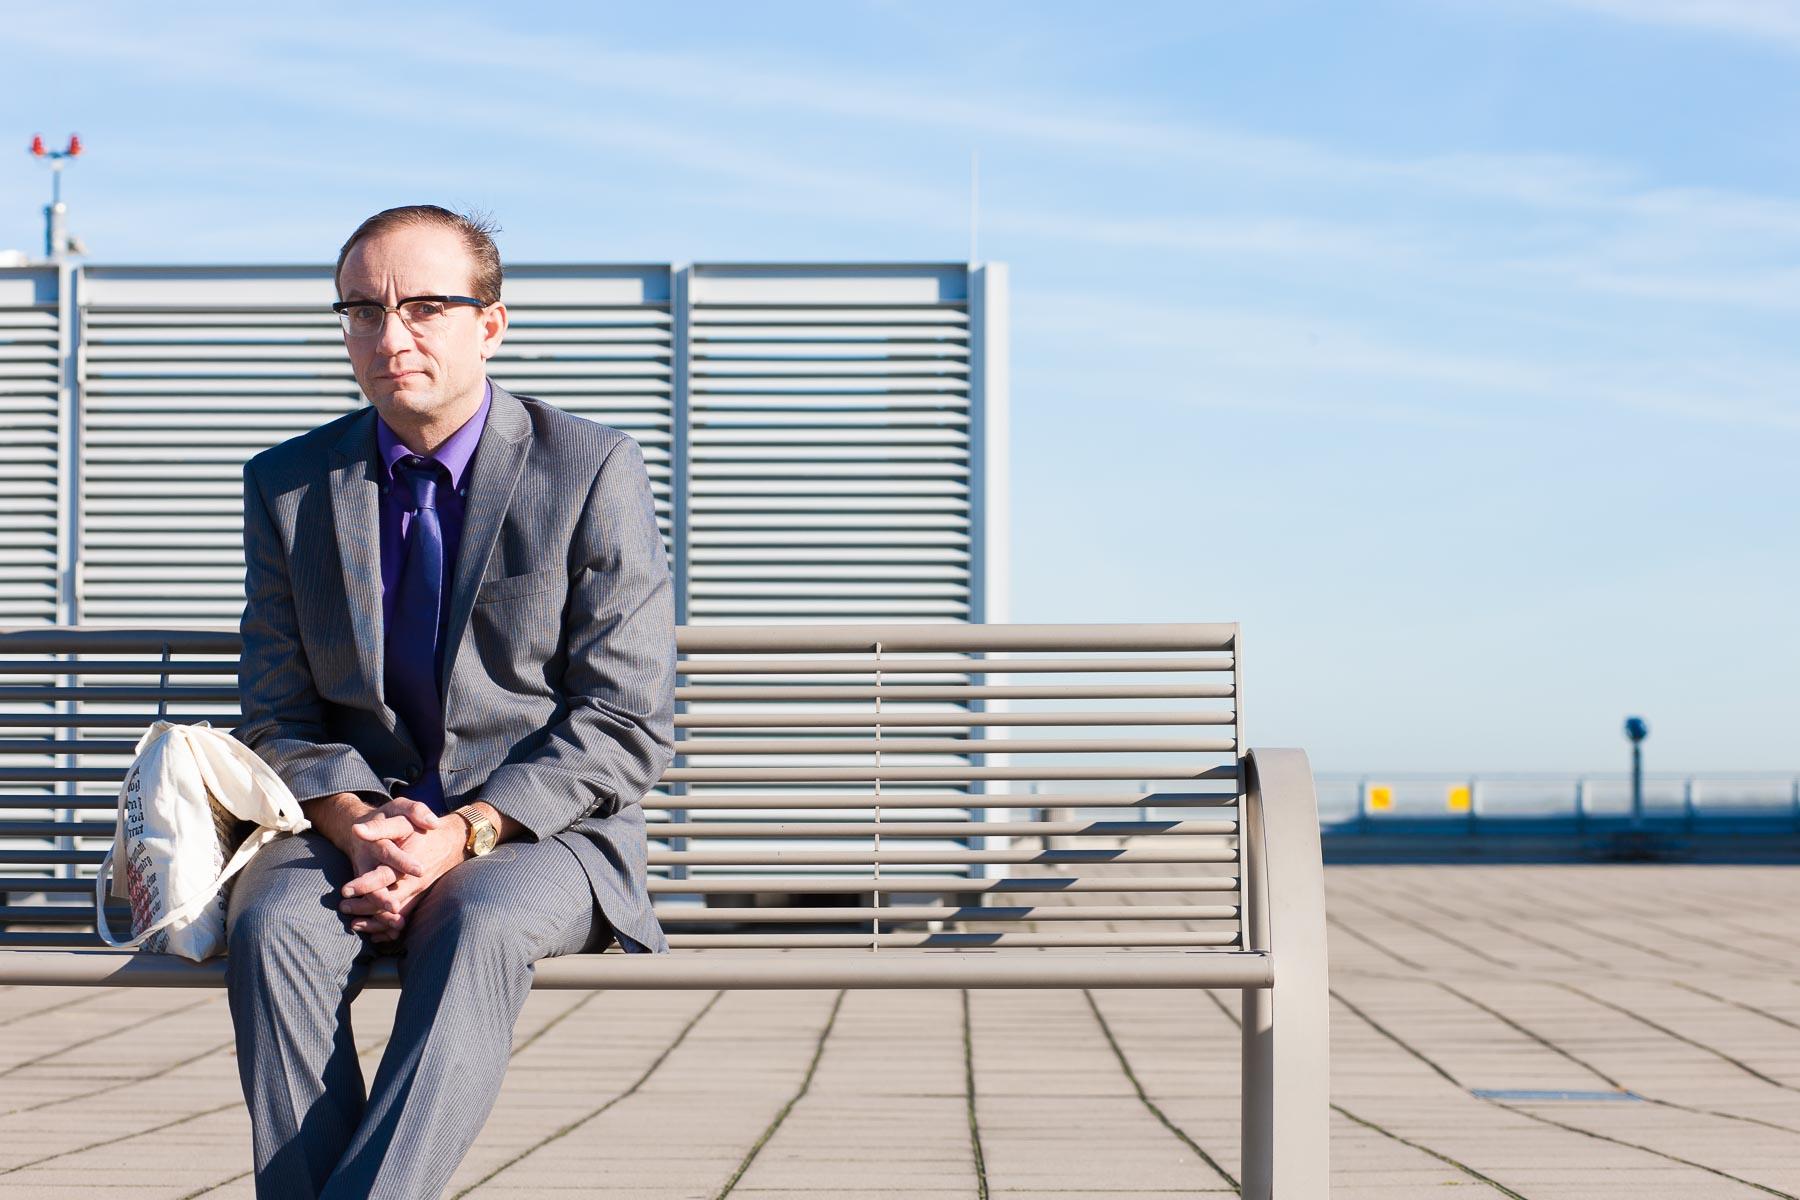 Wigald Boning sitzt auf einer Bank am Flughafen